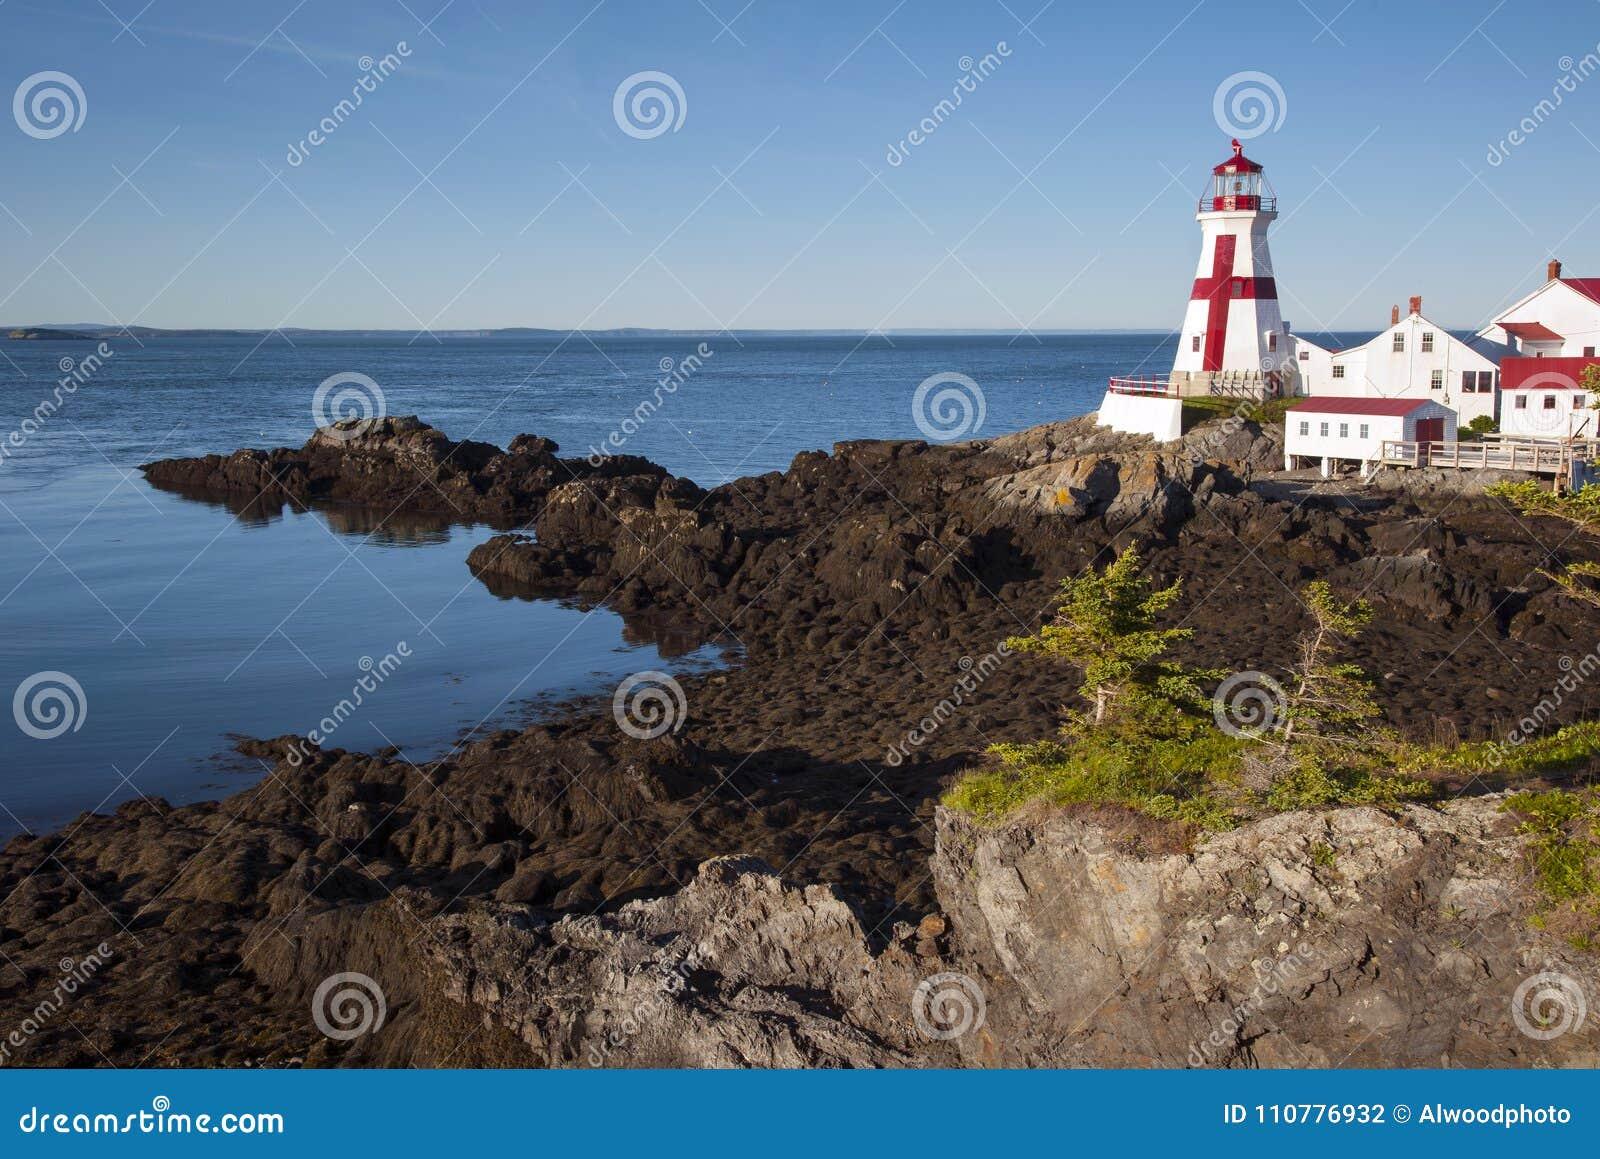 溜滑岩石导致加拿大灯塔